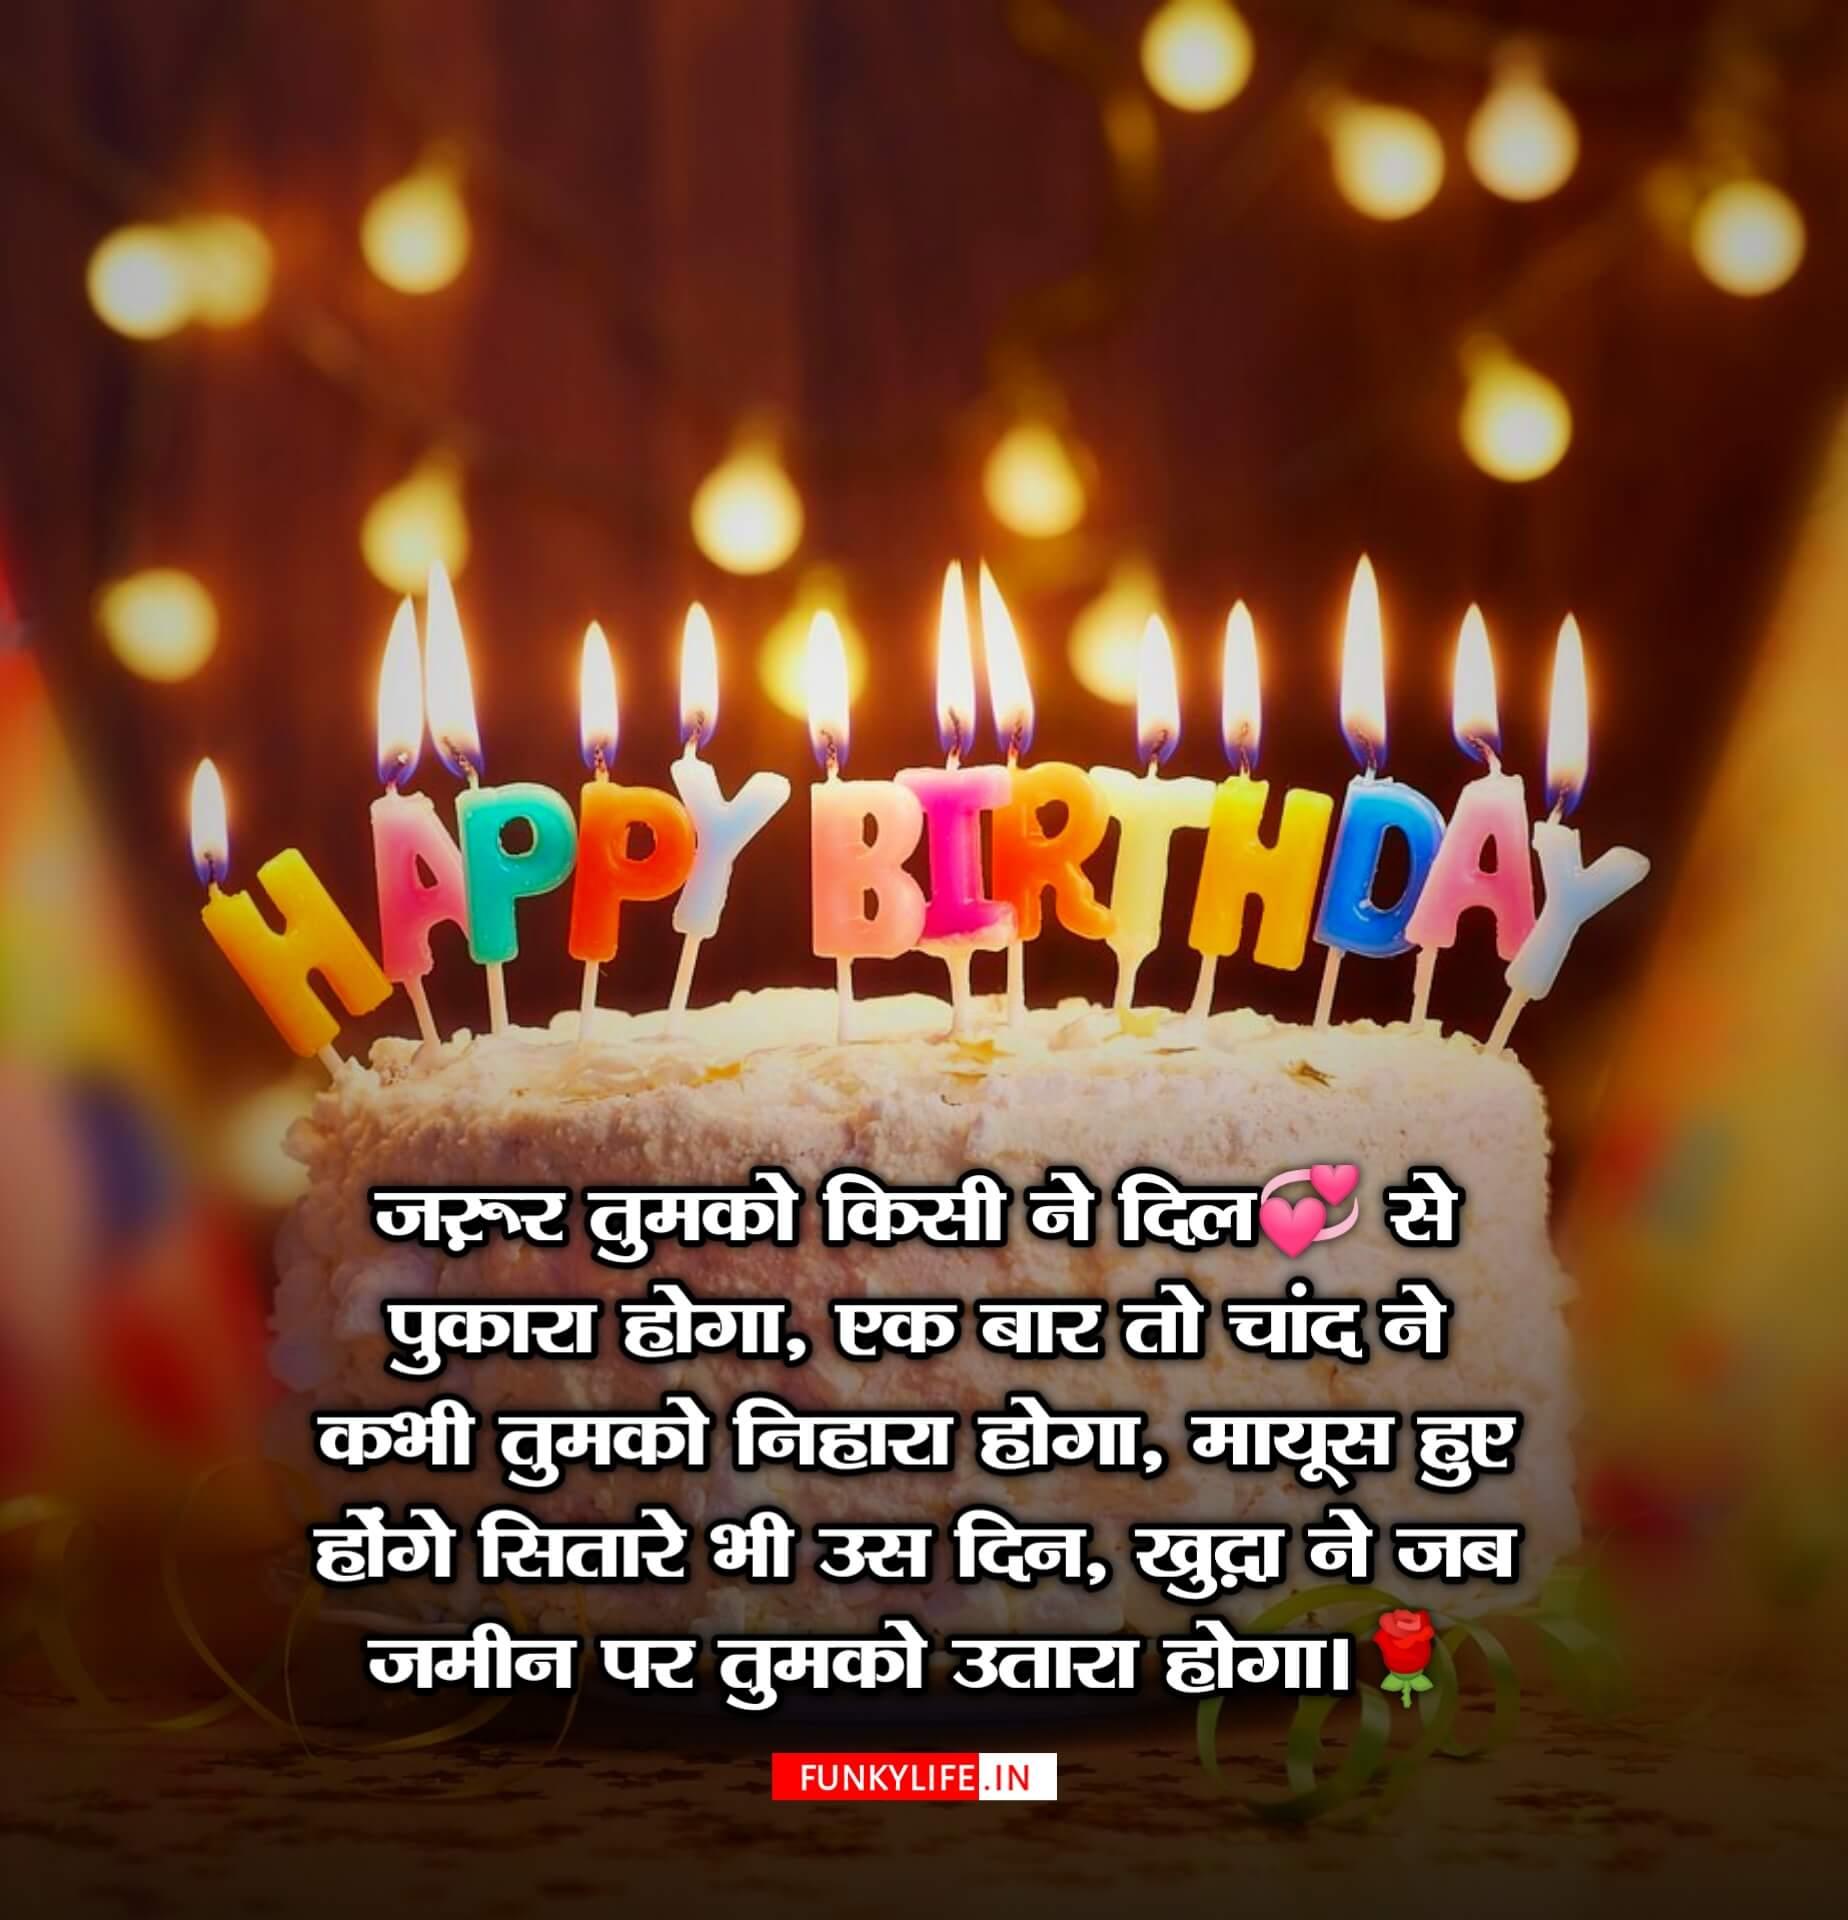 Best Happy birthday Shayari for Girlfriend funkylife